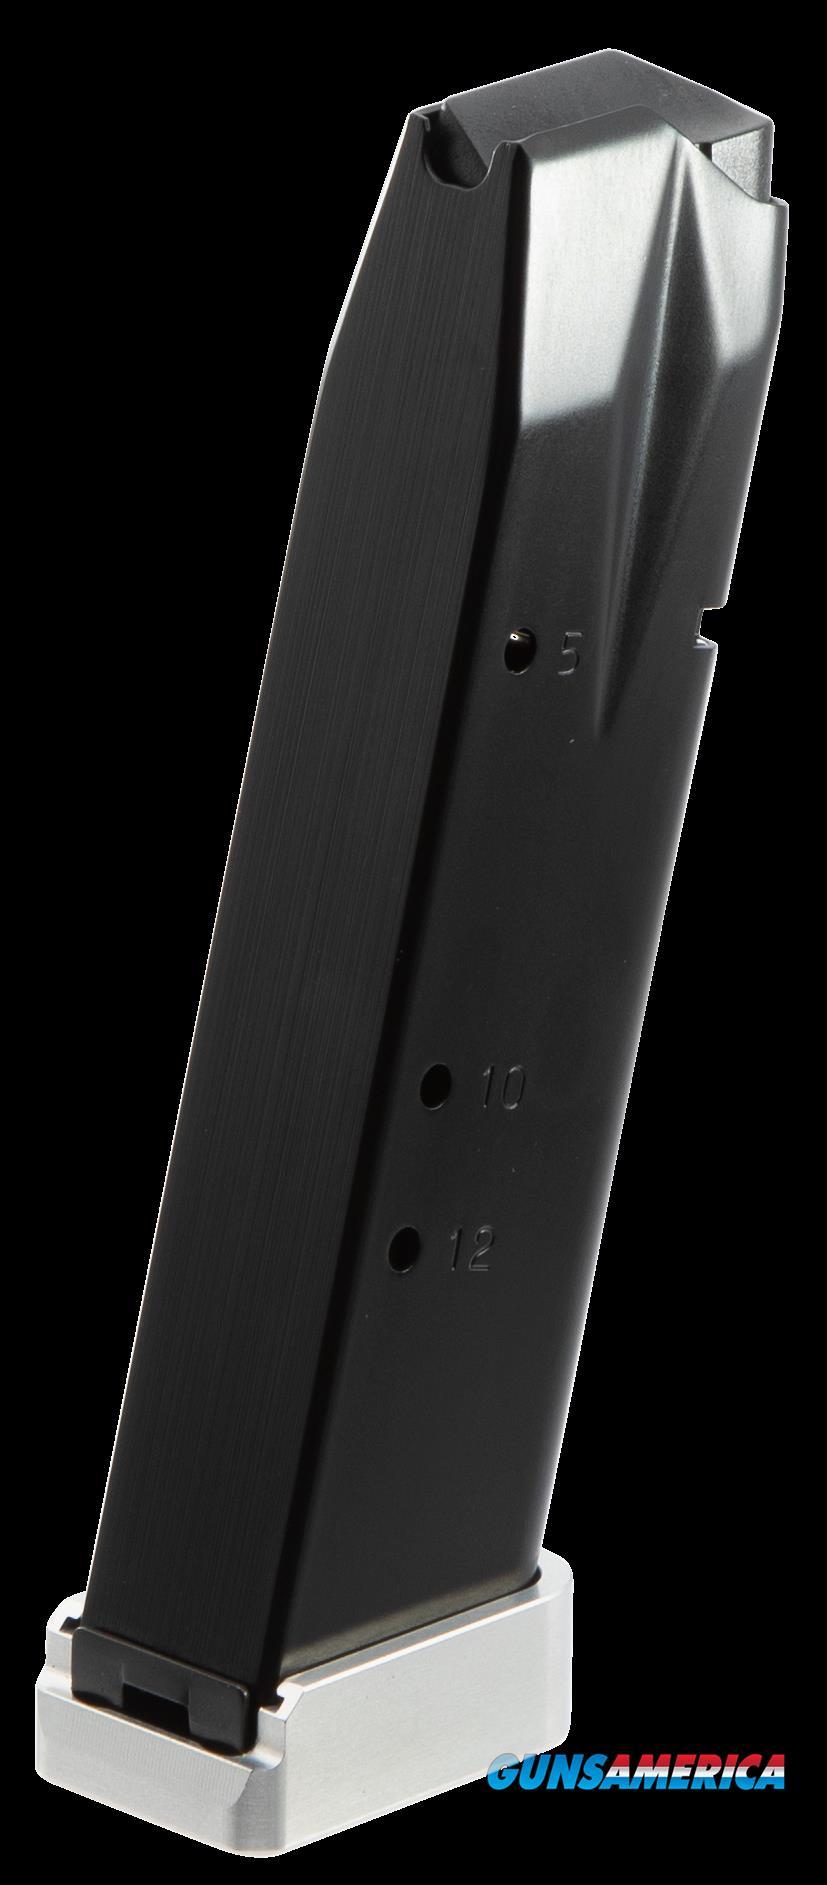 Mec-gar Sig Sauer, Mg P226x54014afc Mag Sig P226 X5 40sw 14rd Ext Afc  Guns > Pistols > 1911 Pistol Copies (non-Colt)